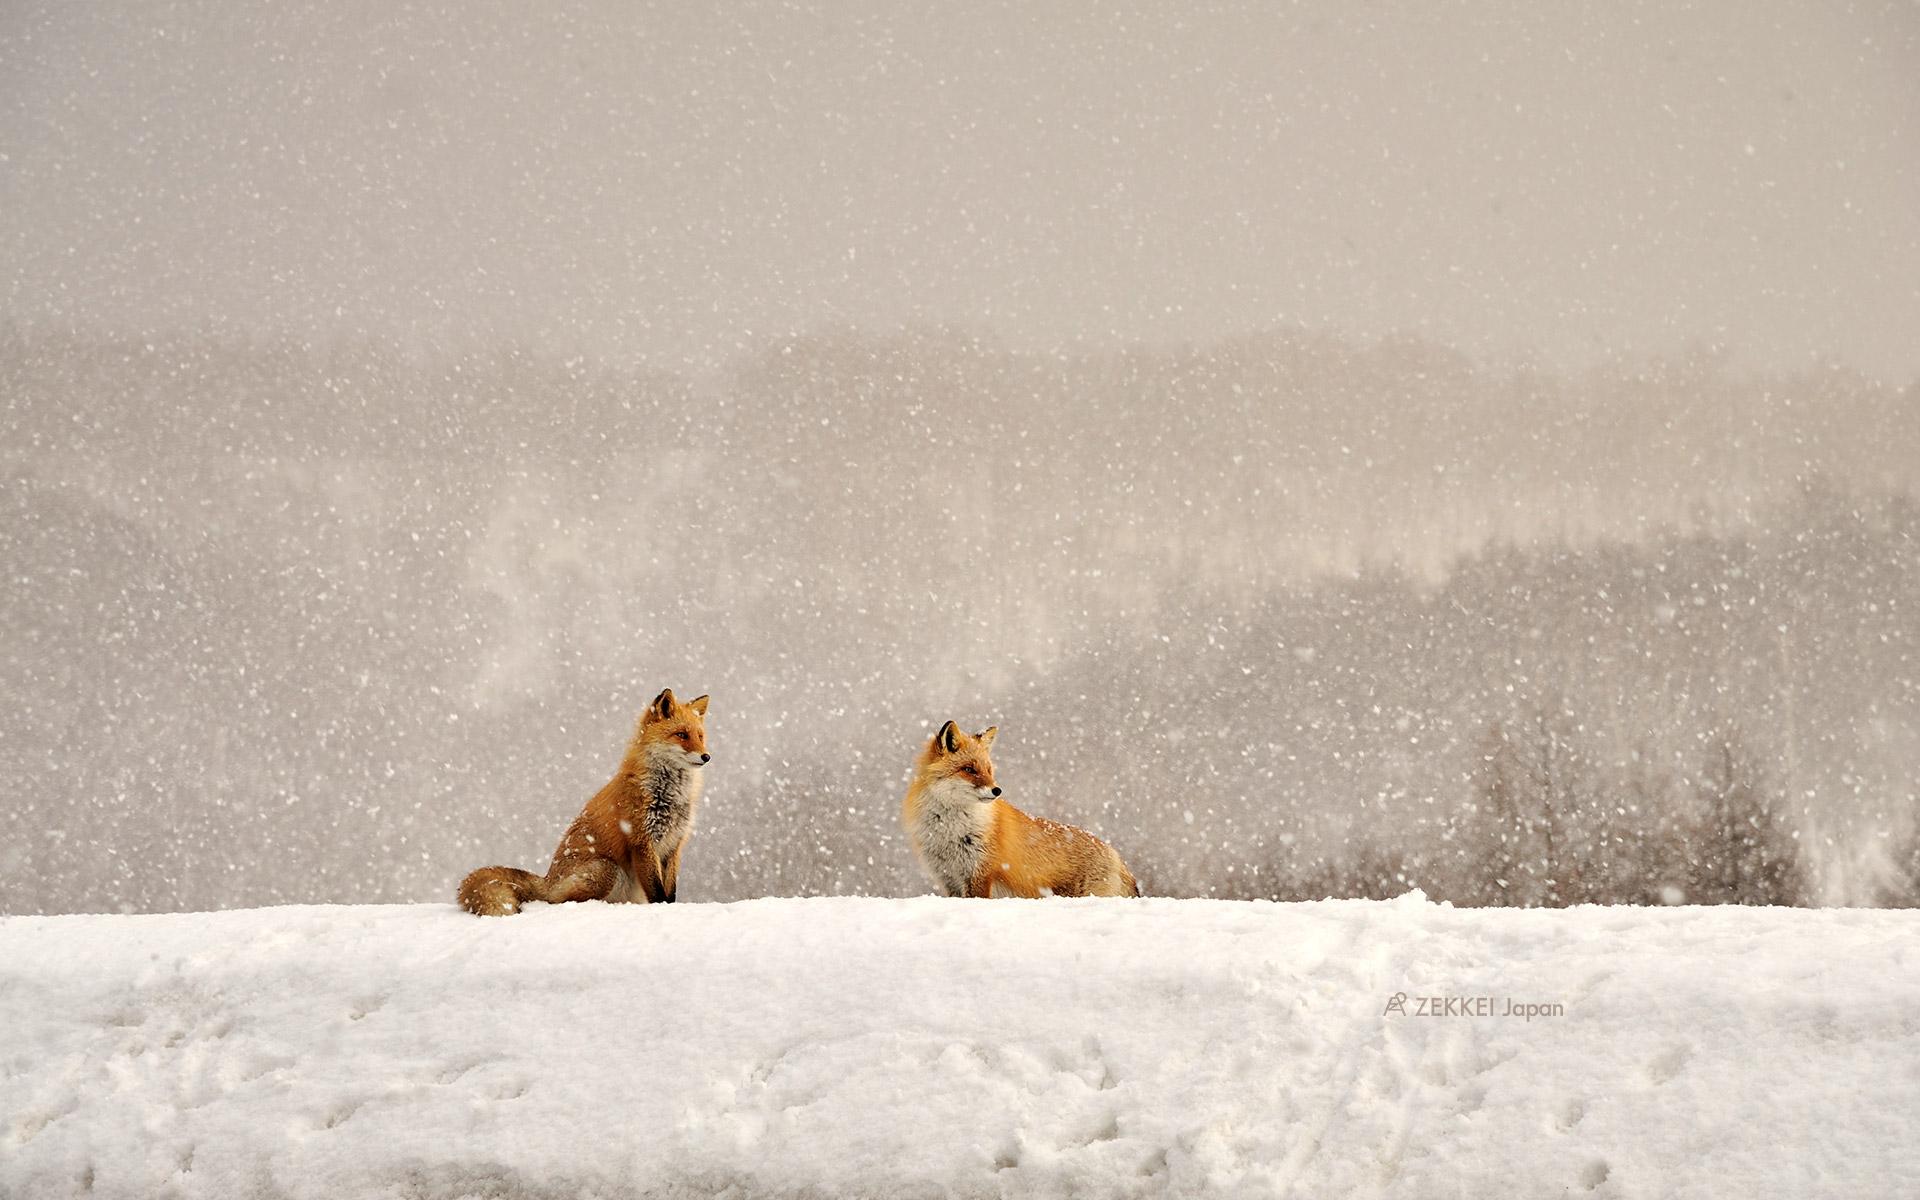 あなたのパソコン スマホに絶景を 冬の動物たちのzekkei壁紙を